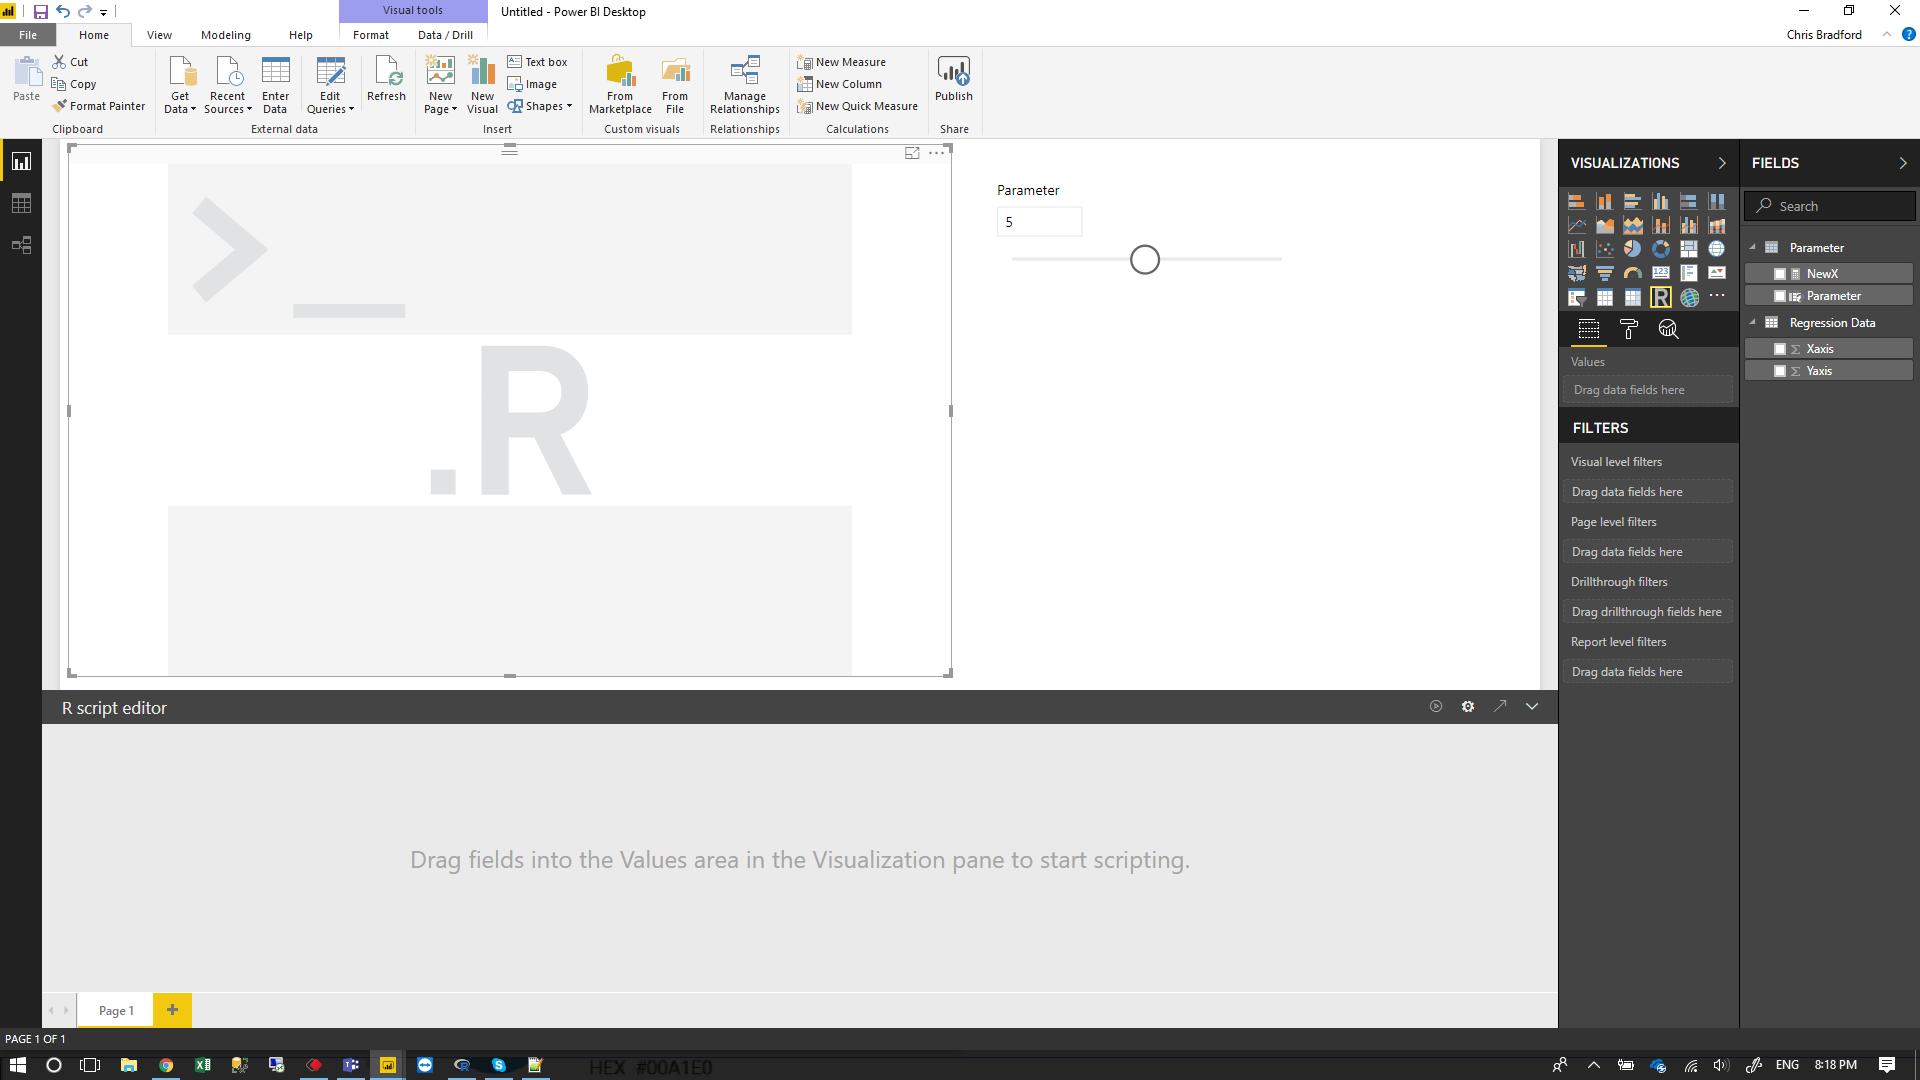 5) Create an R Visual